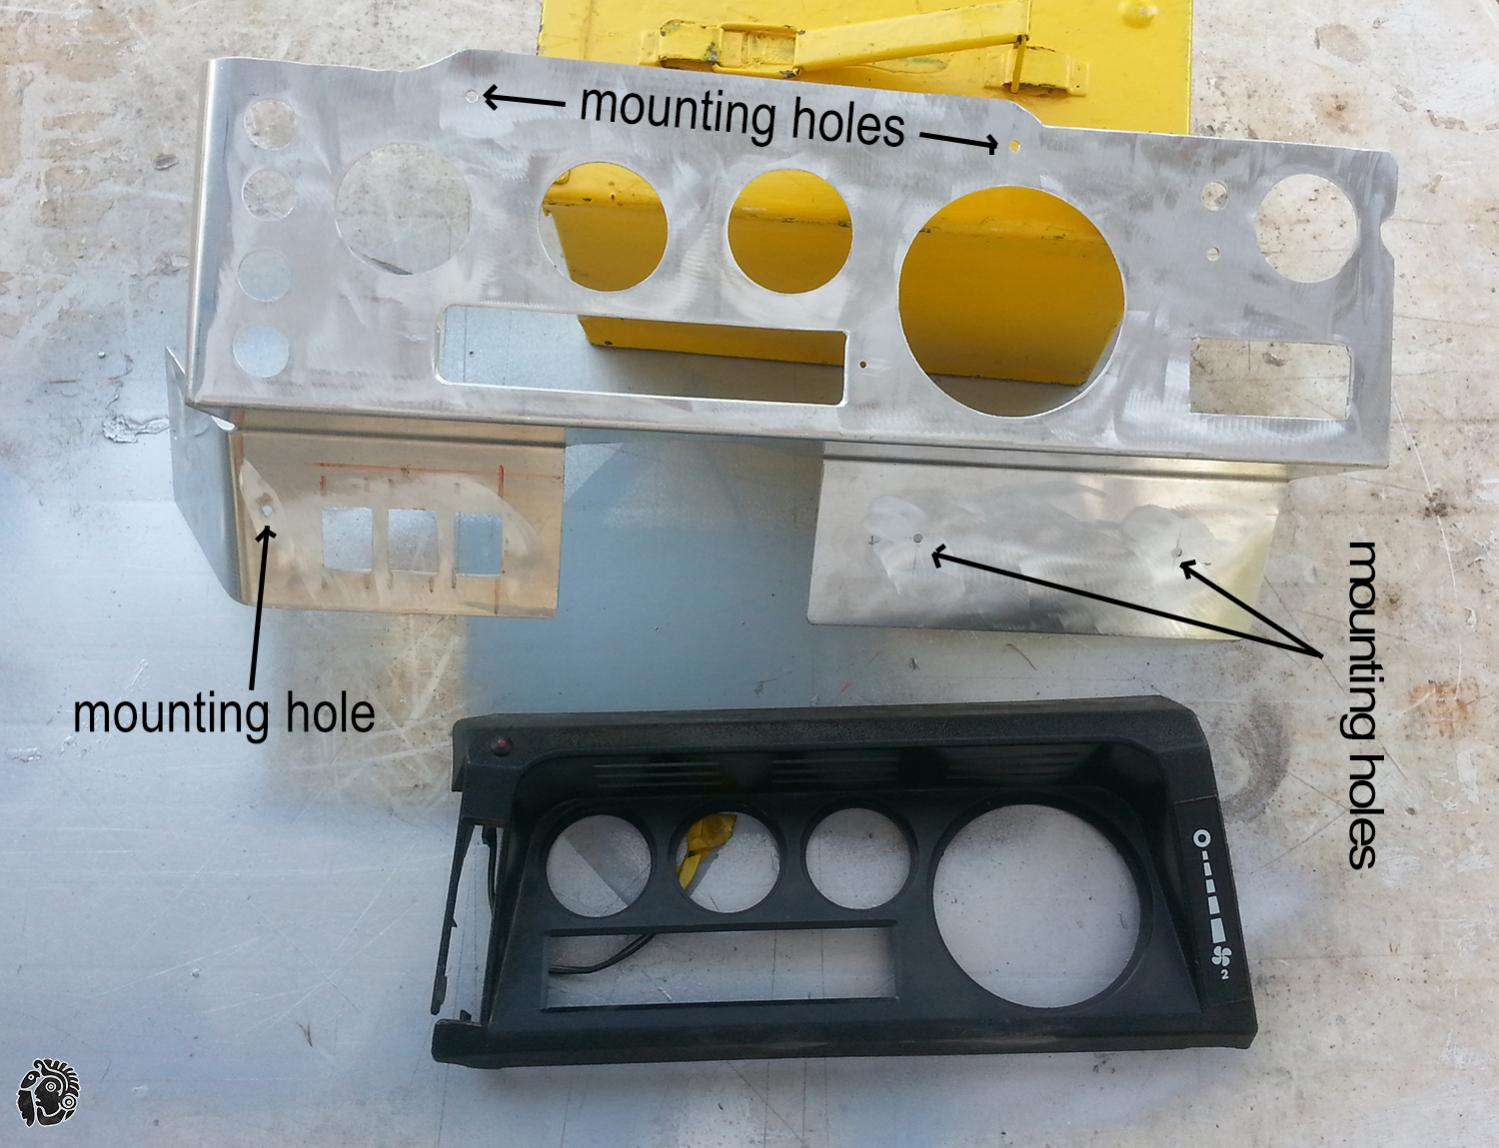 בניית לוח שעונים חדש לדיפנדר שטח בעבודה עצמית כלי עבודה מקדח כוס, דיסק, משחזת